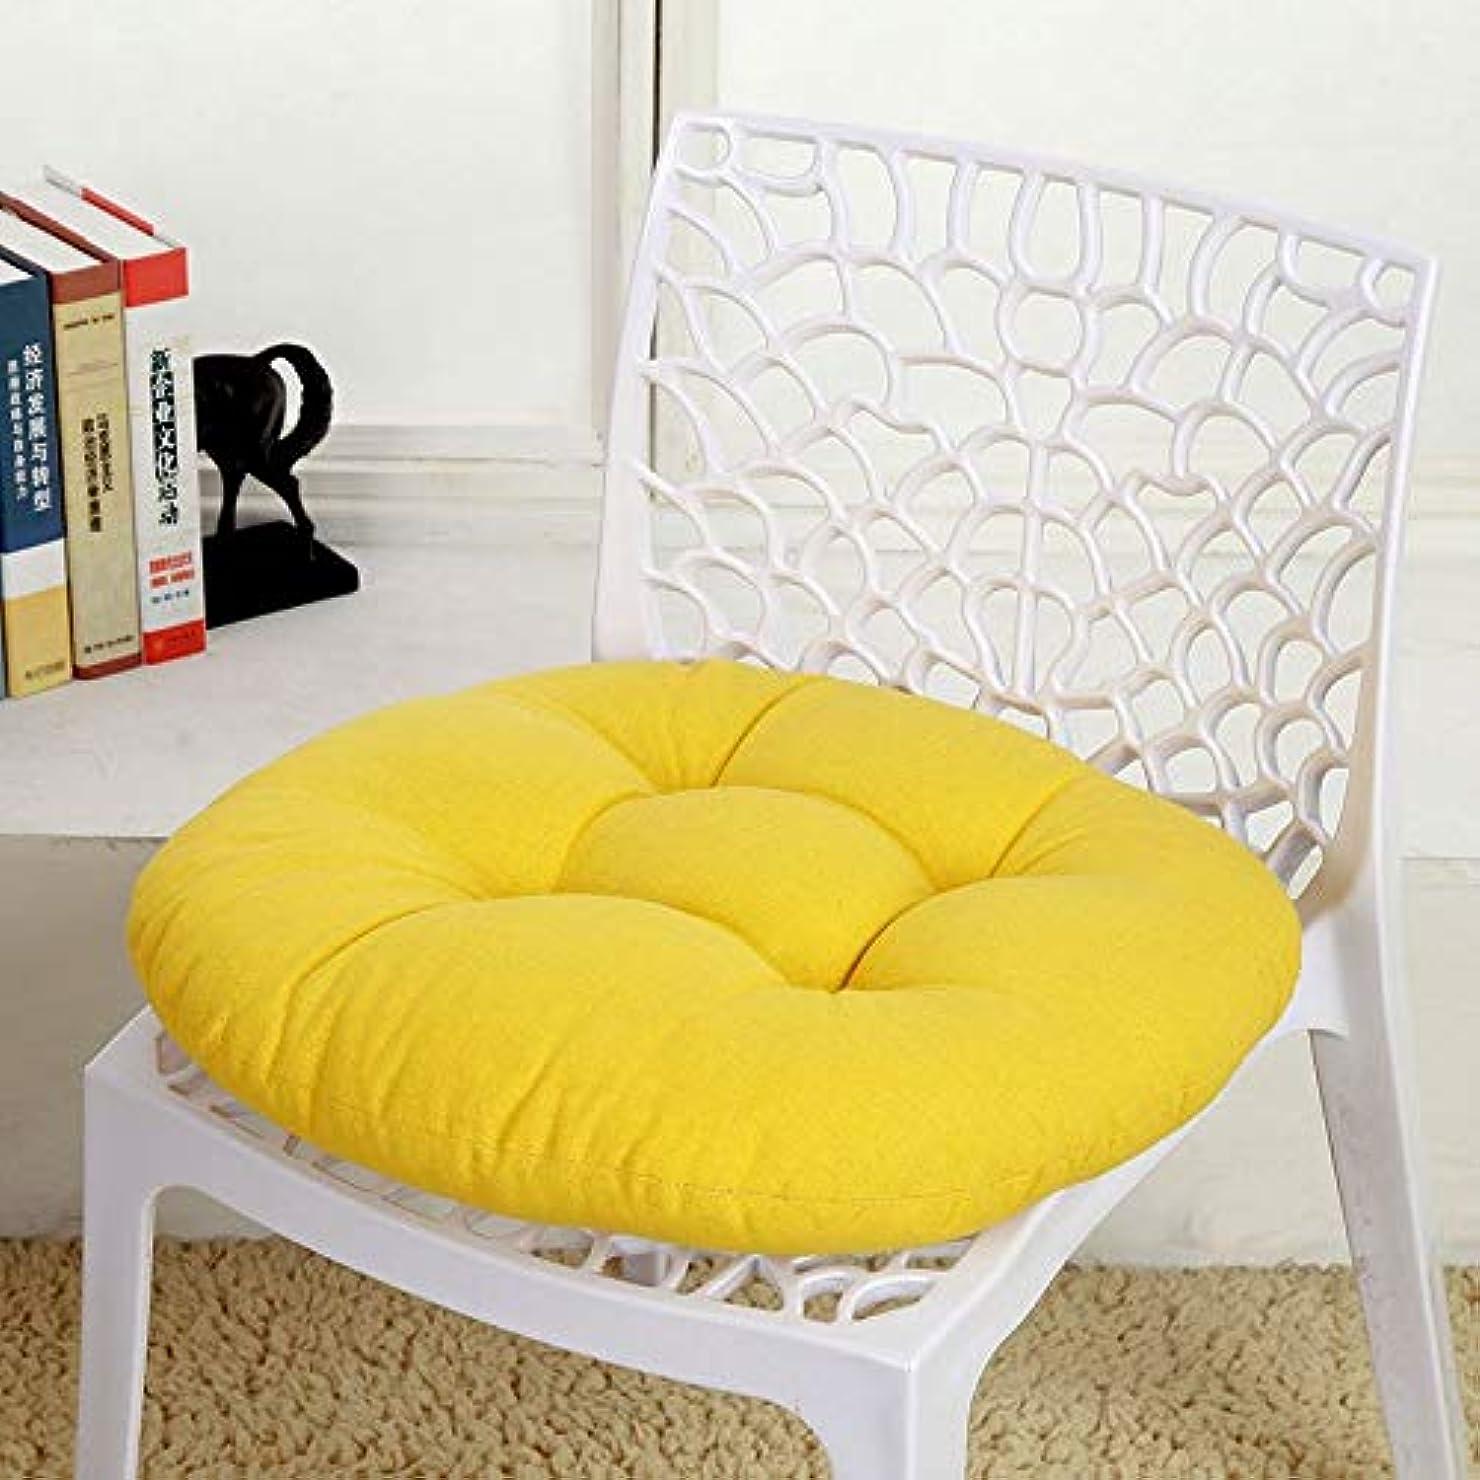 影響力のある解凍する、雪解け、霜解け自己尊重LIFE キャンディカラーのクッションラウンドシートクッション波ウィンドウシートクッションクッション家の装飾パッドラウンド枕シート枕椅子座る枕 クッション 椅子